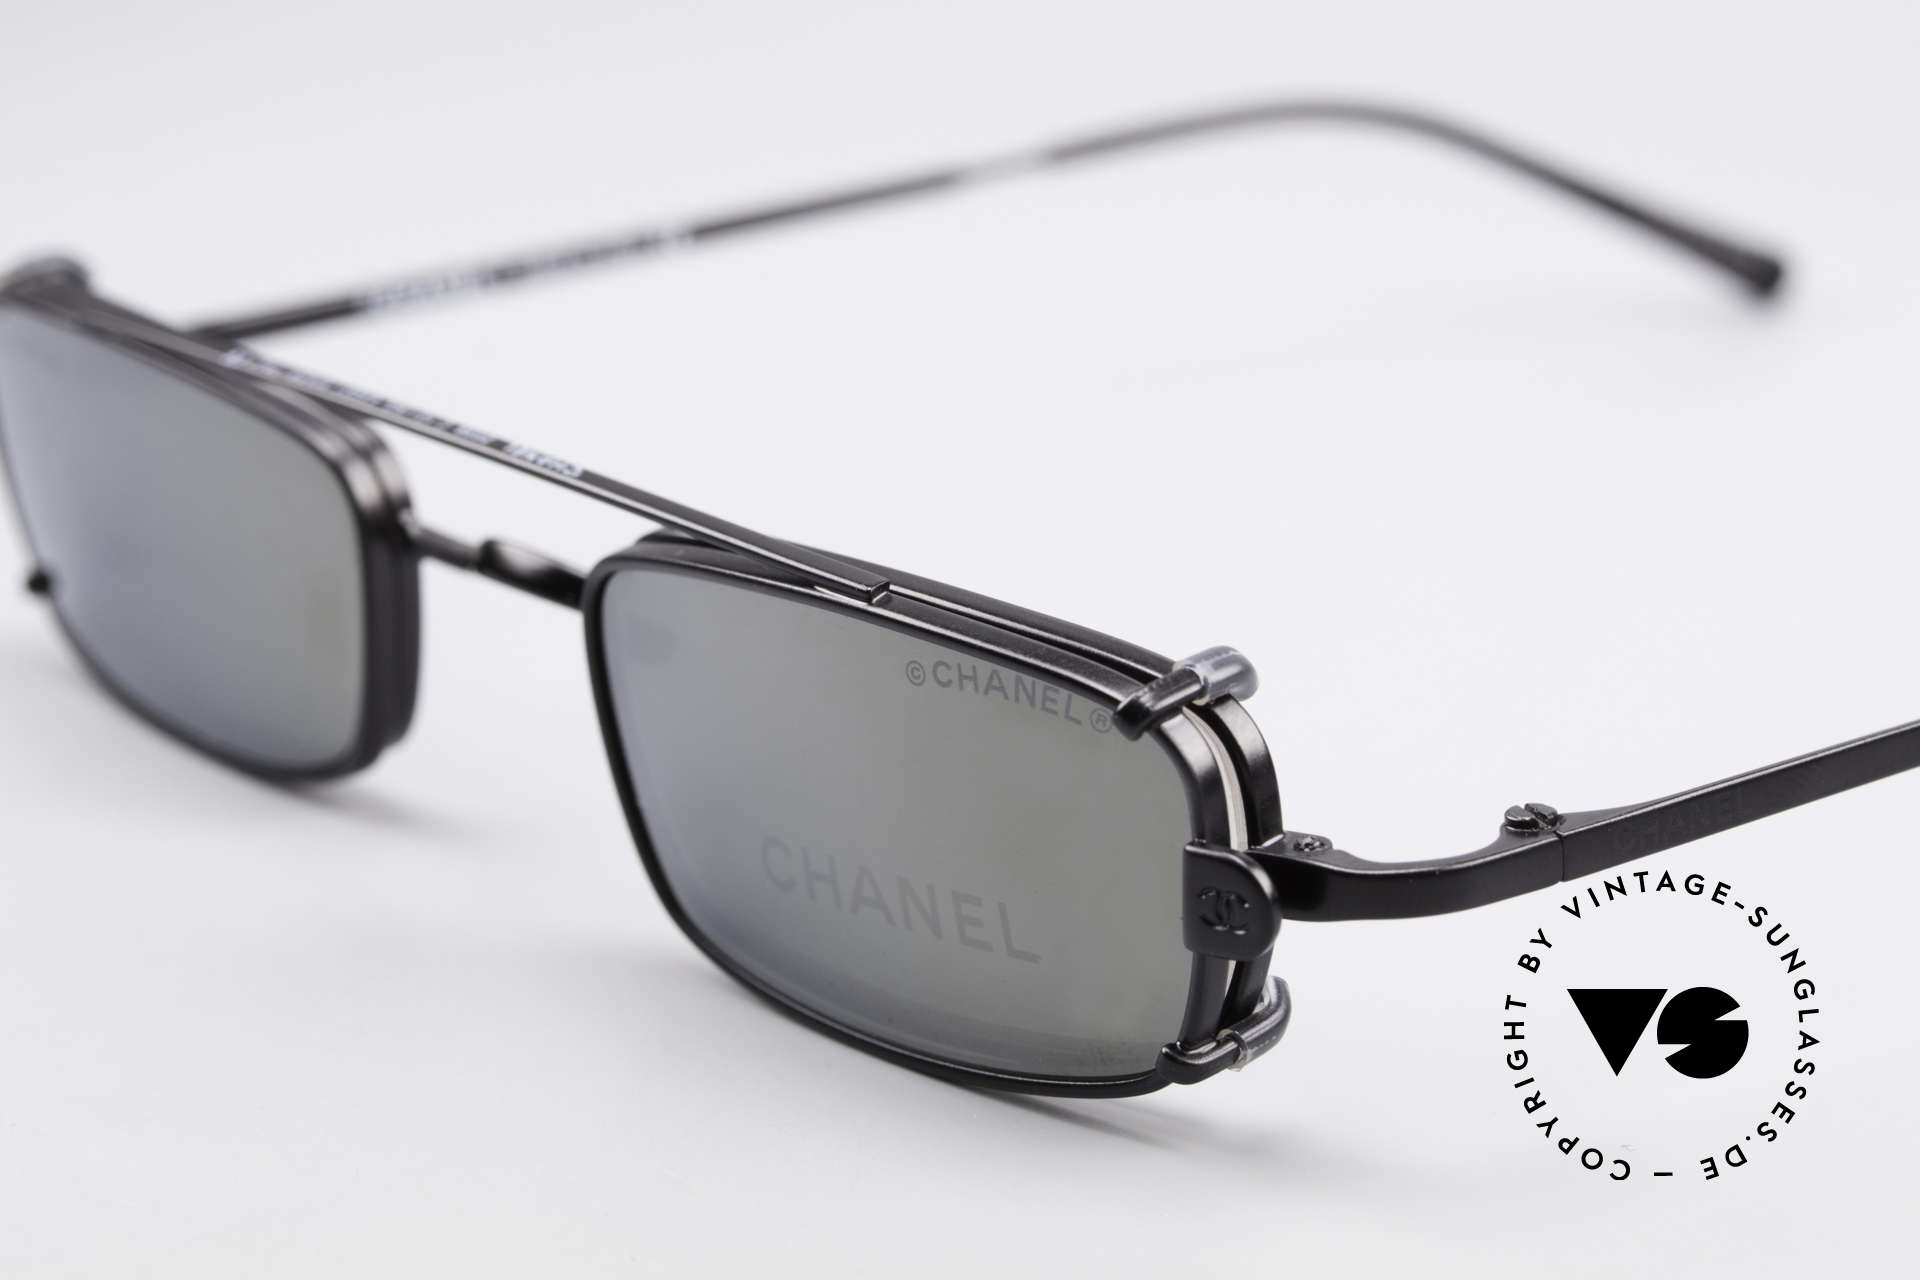 Chanel 2038 Luxus Brille Eckig Sonnenclip, Sonnengläser sind leicht verspiegelt grau (100% UV), Passend für Herren und Damen